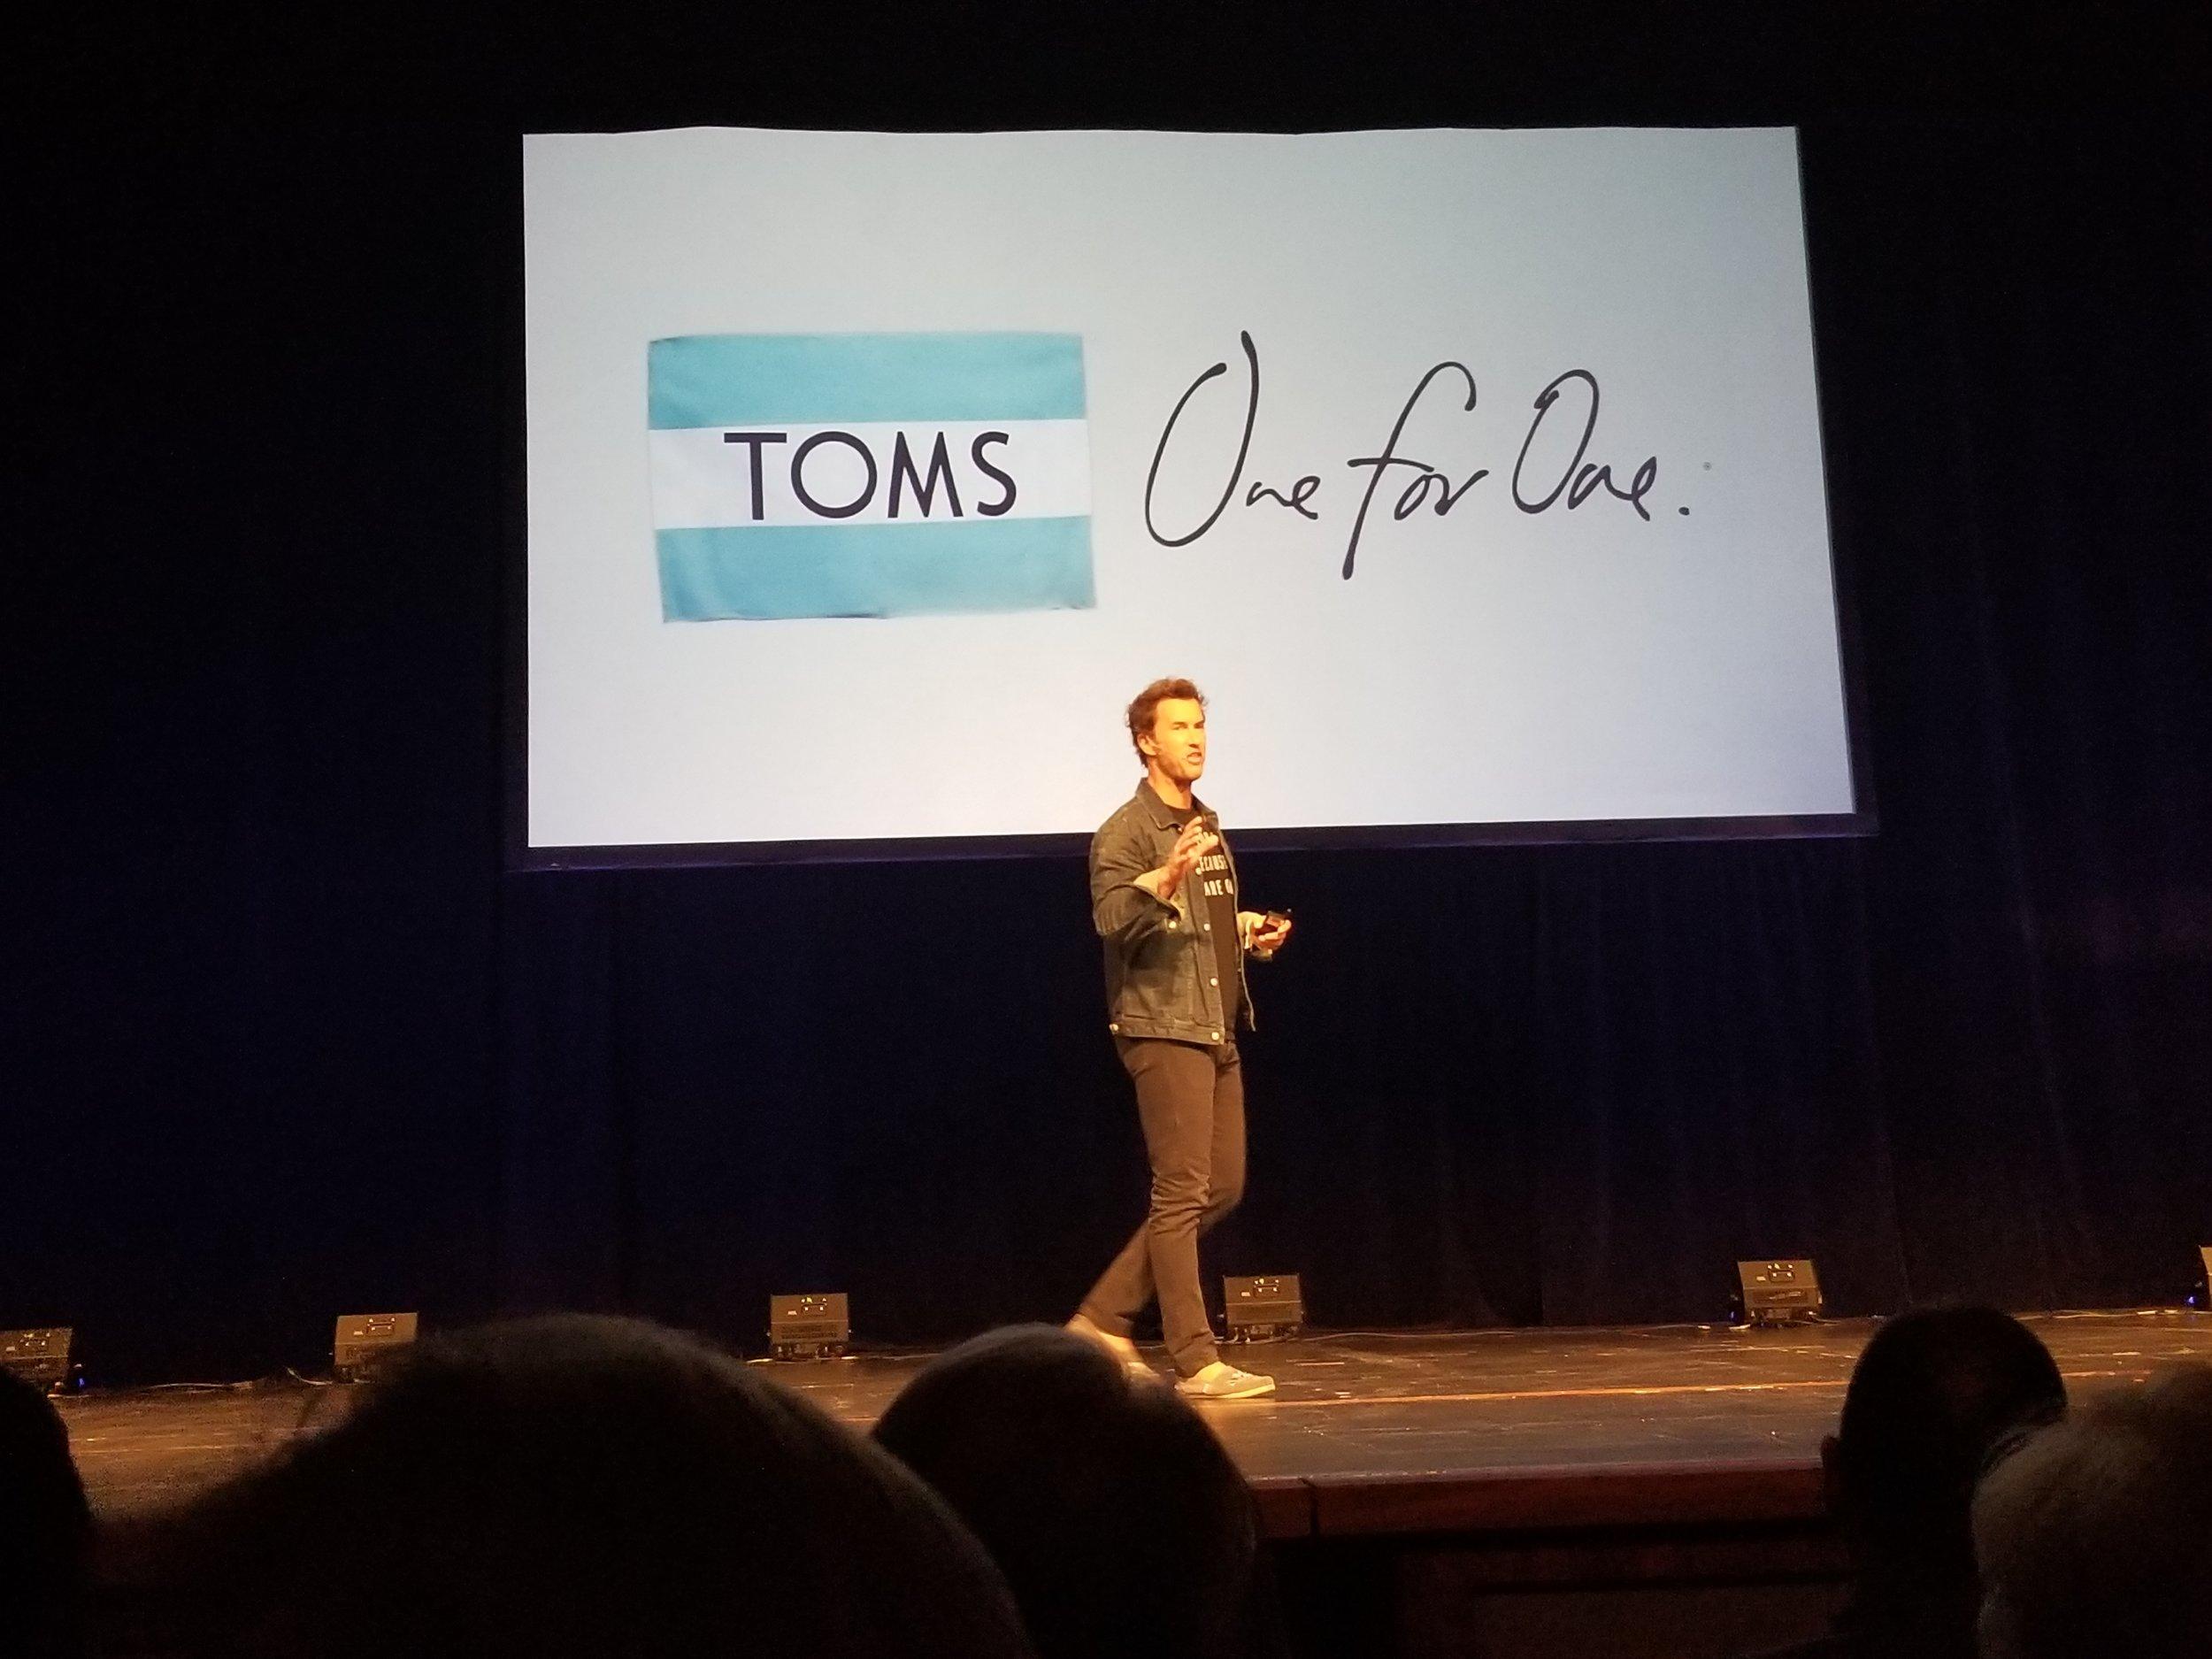 Blake Mycoskie speaking in Charlotte, NC